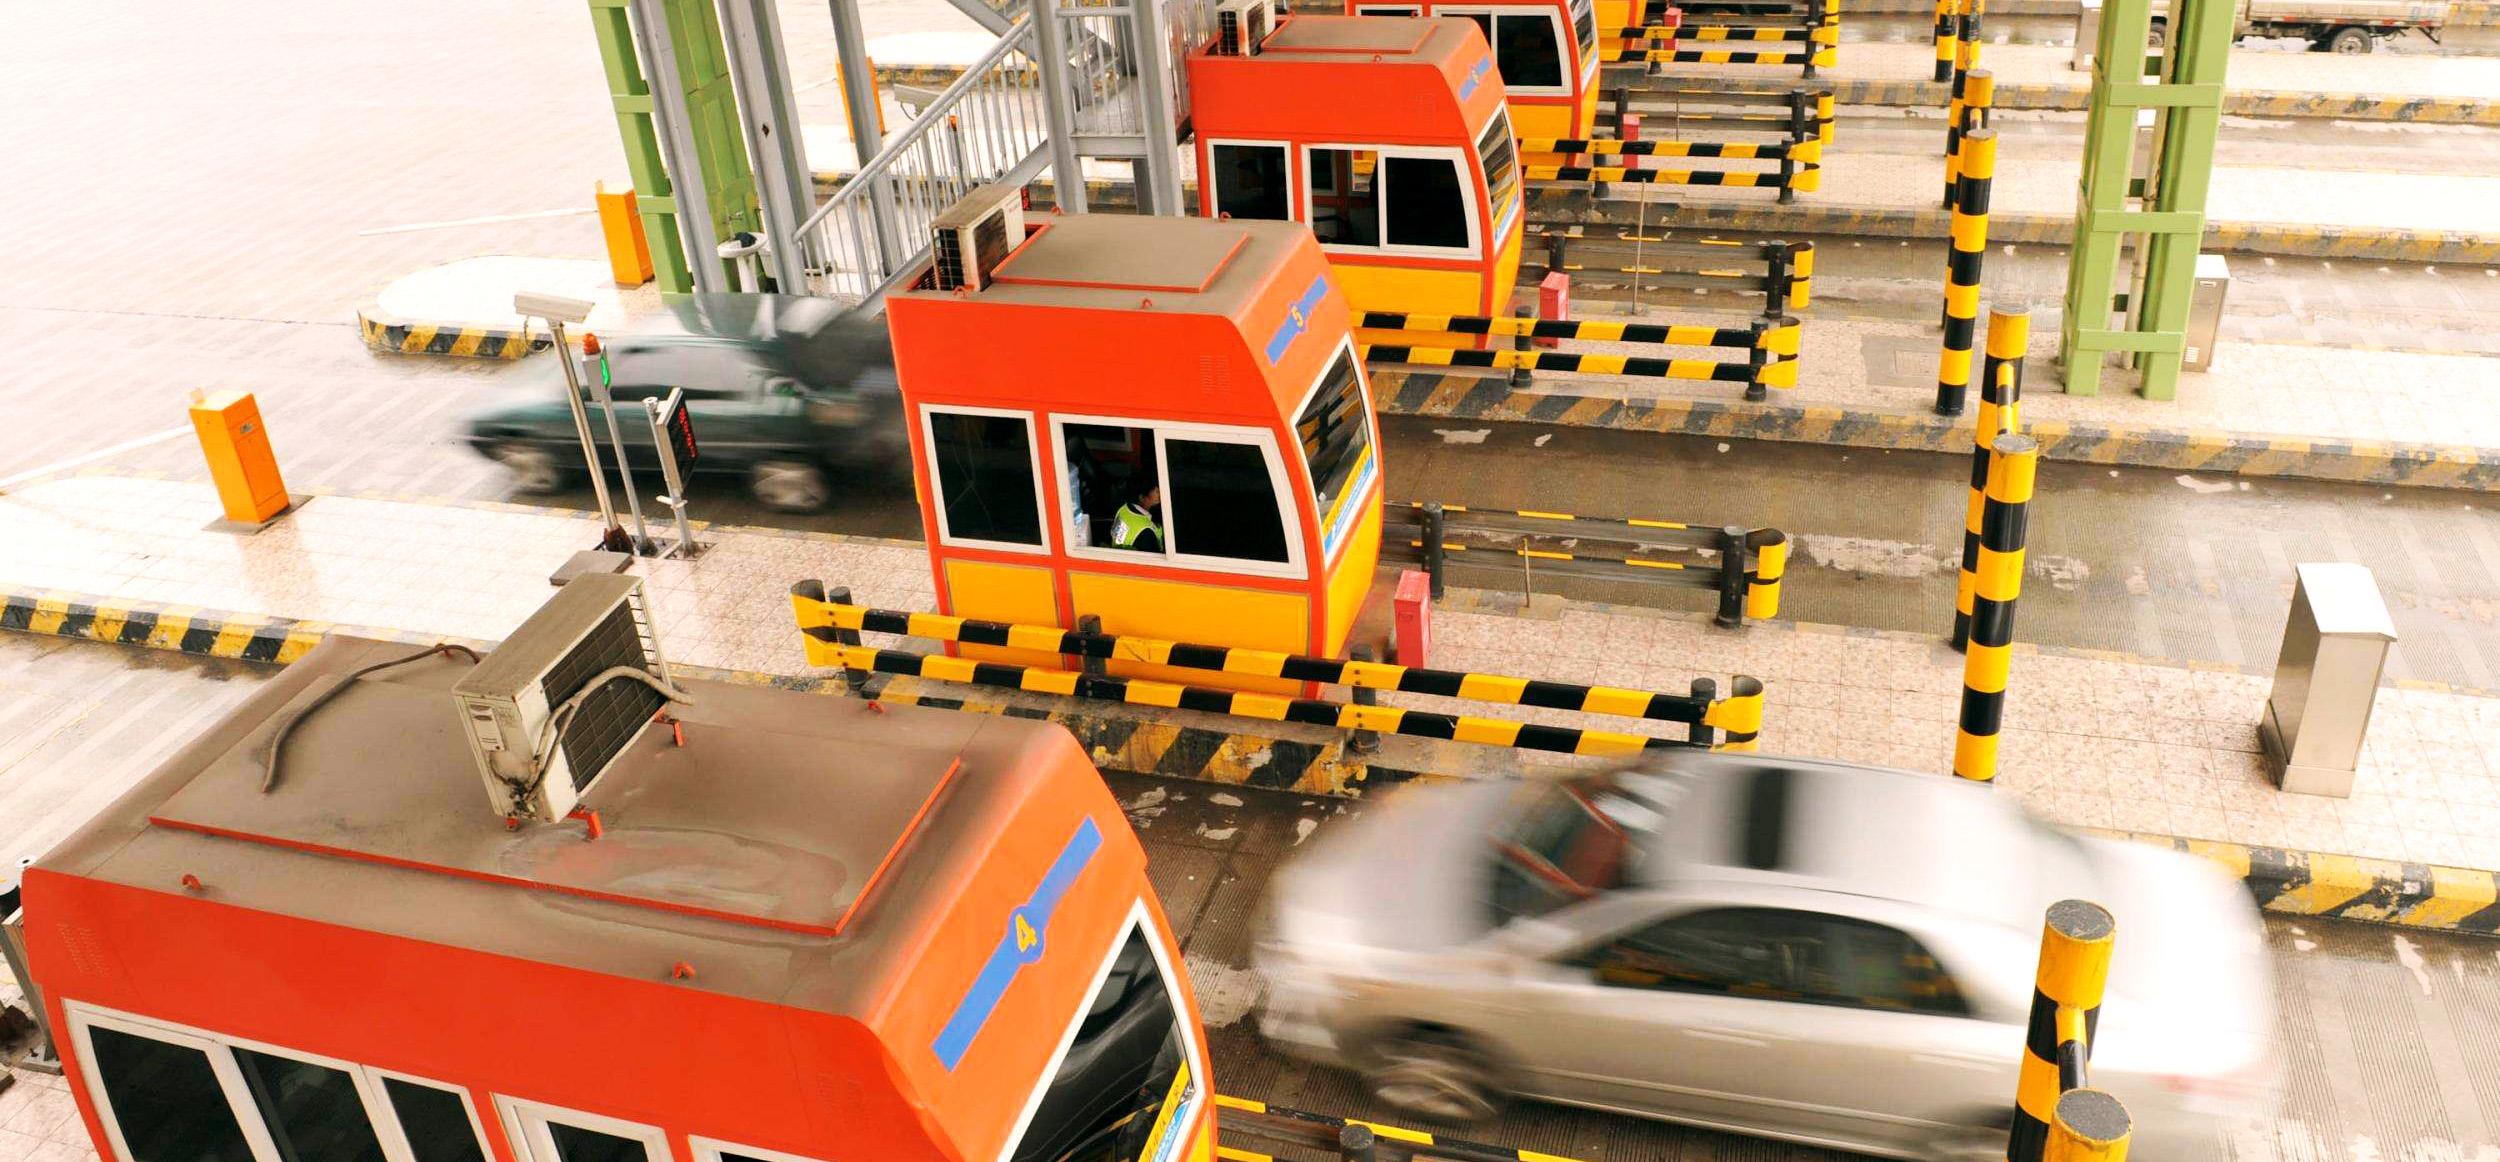 applications de détection de boucle de système de contrôle du trafic